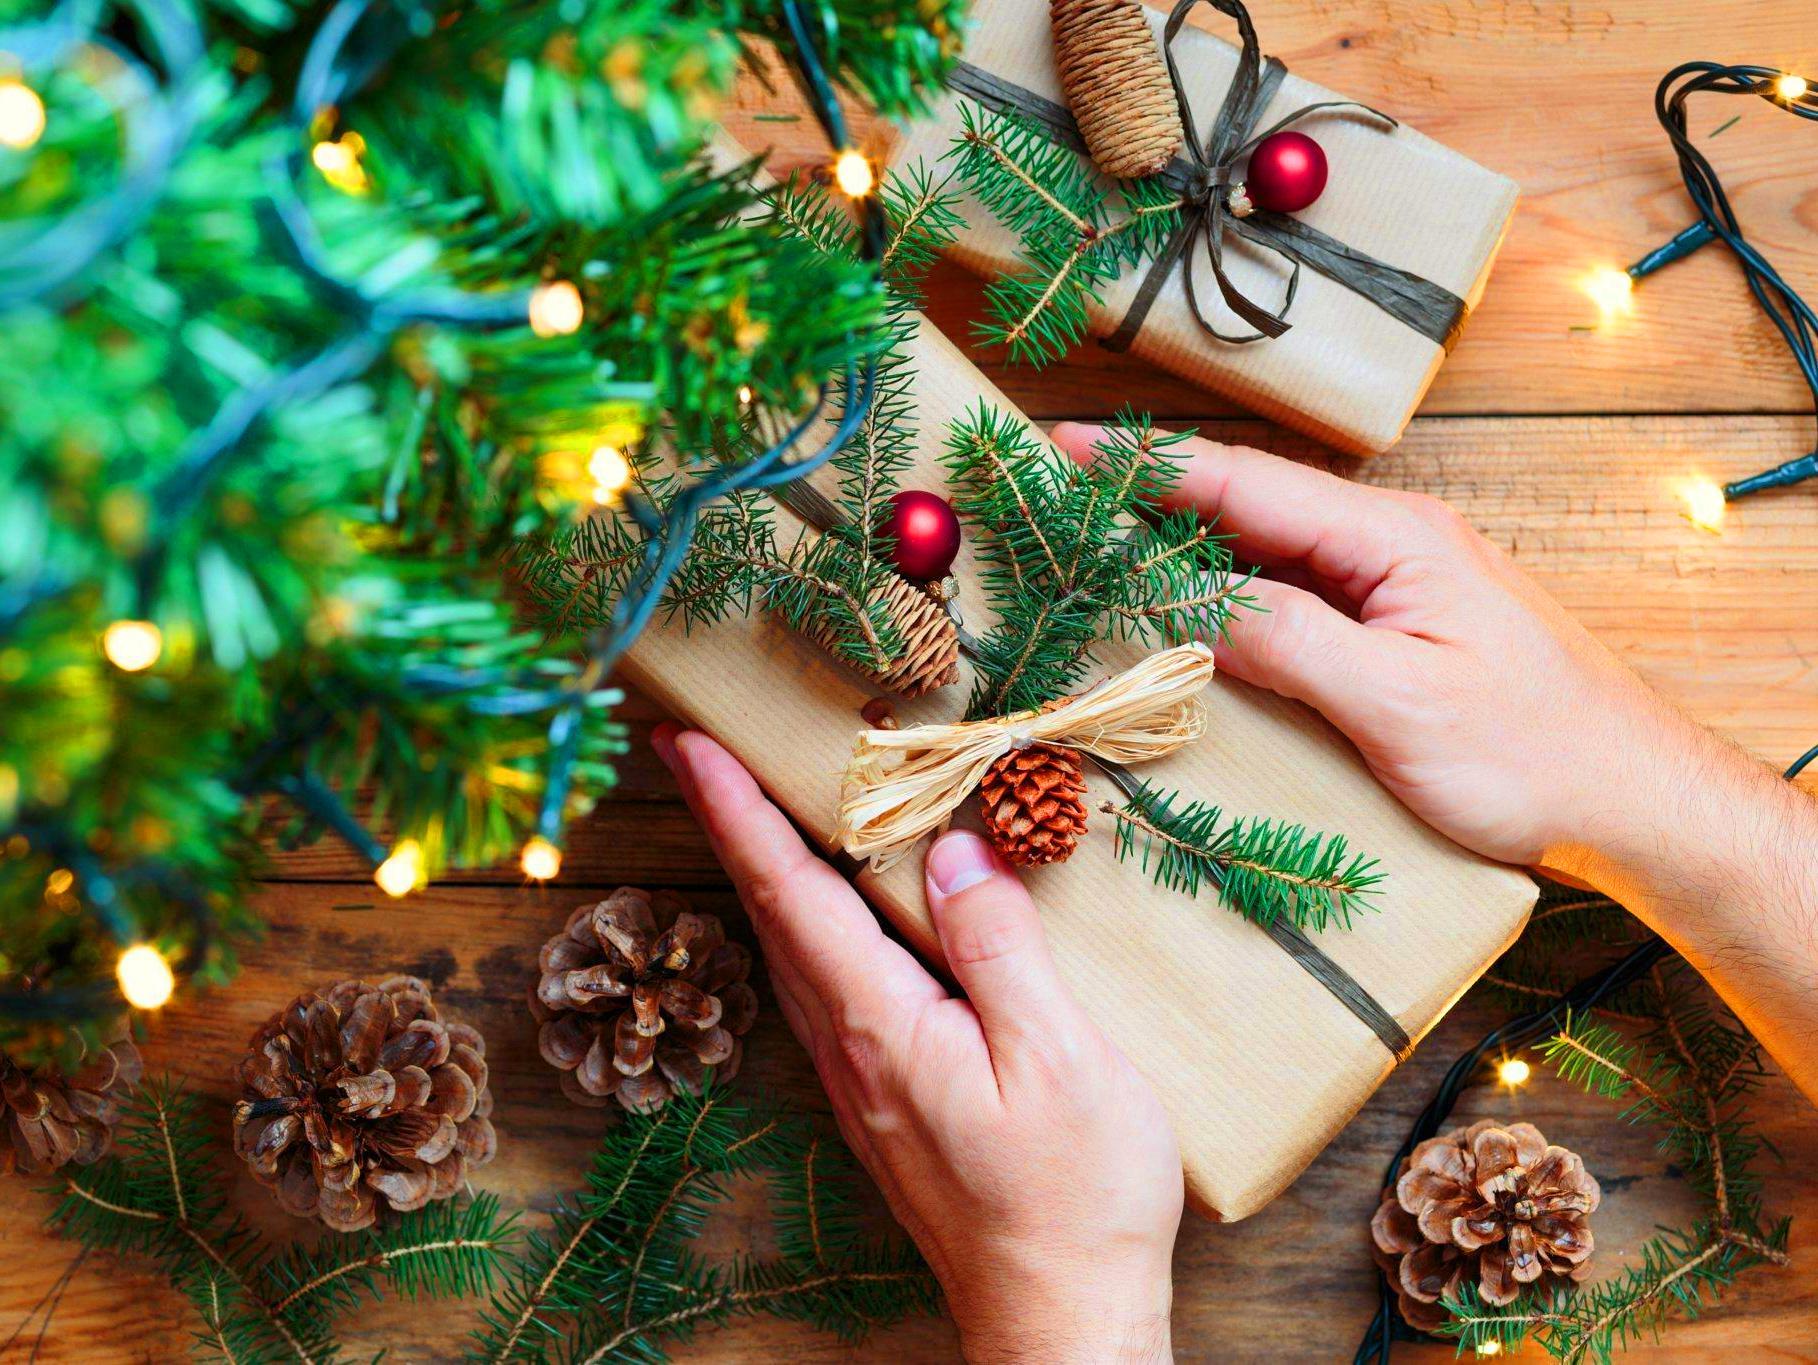 Какие новогодние сувениры и подарки будут популярны в 2020 году?